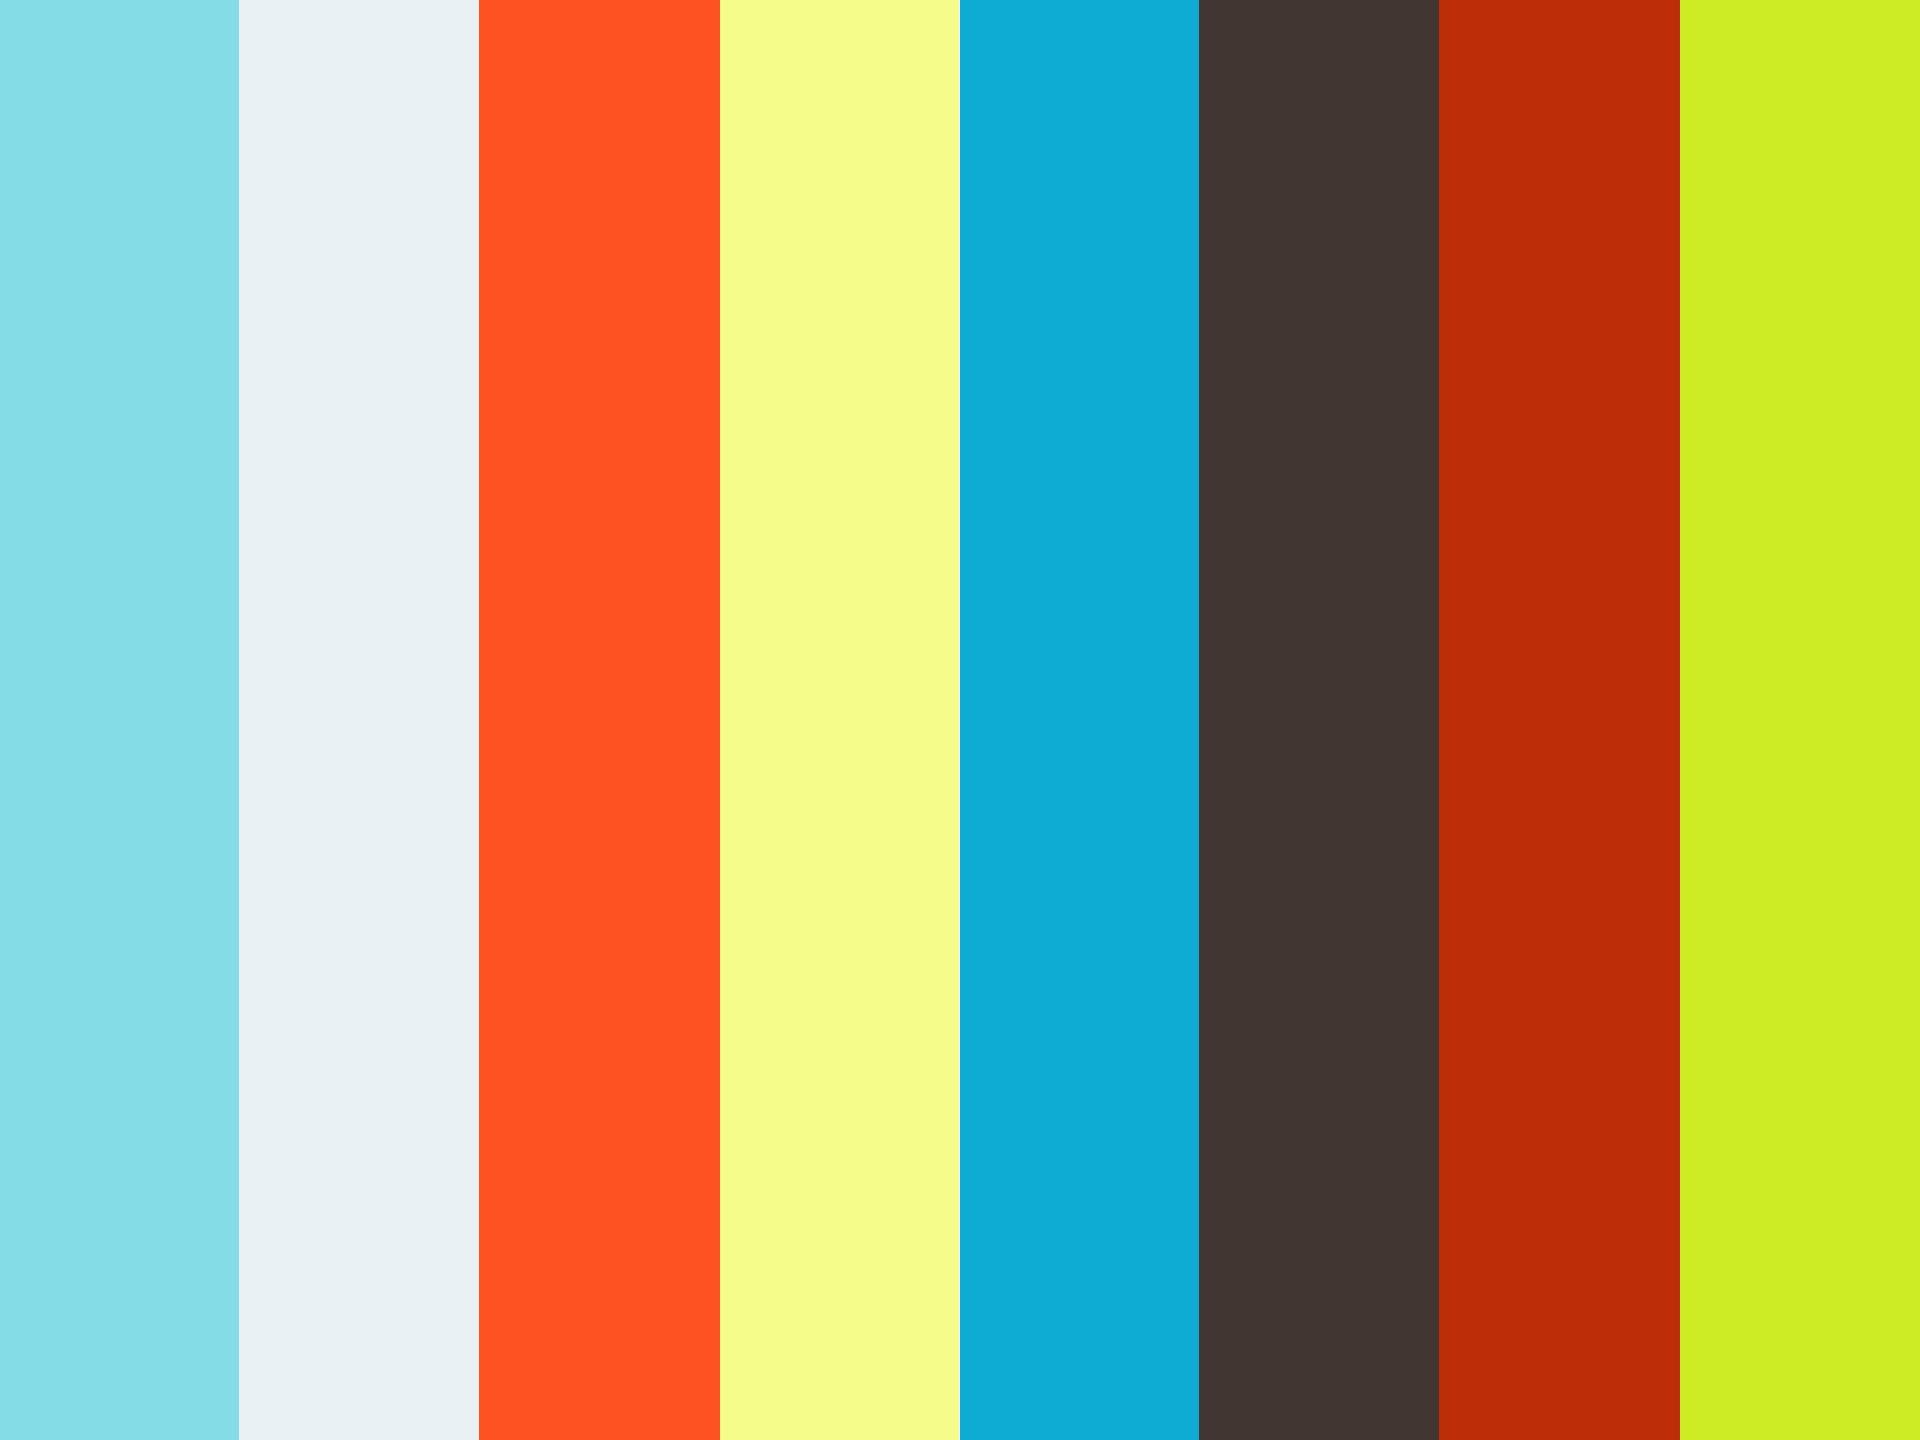 Pareto Chart: Pareto Charts on Vimeo,Chart